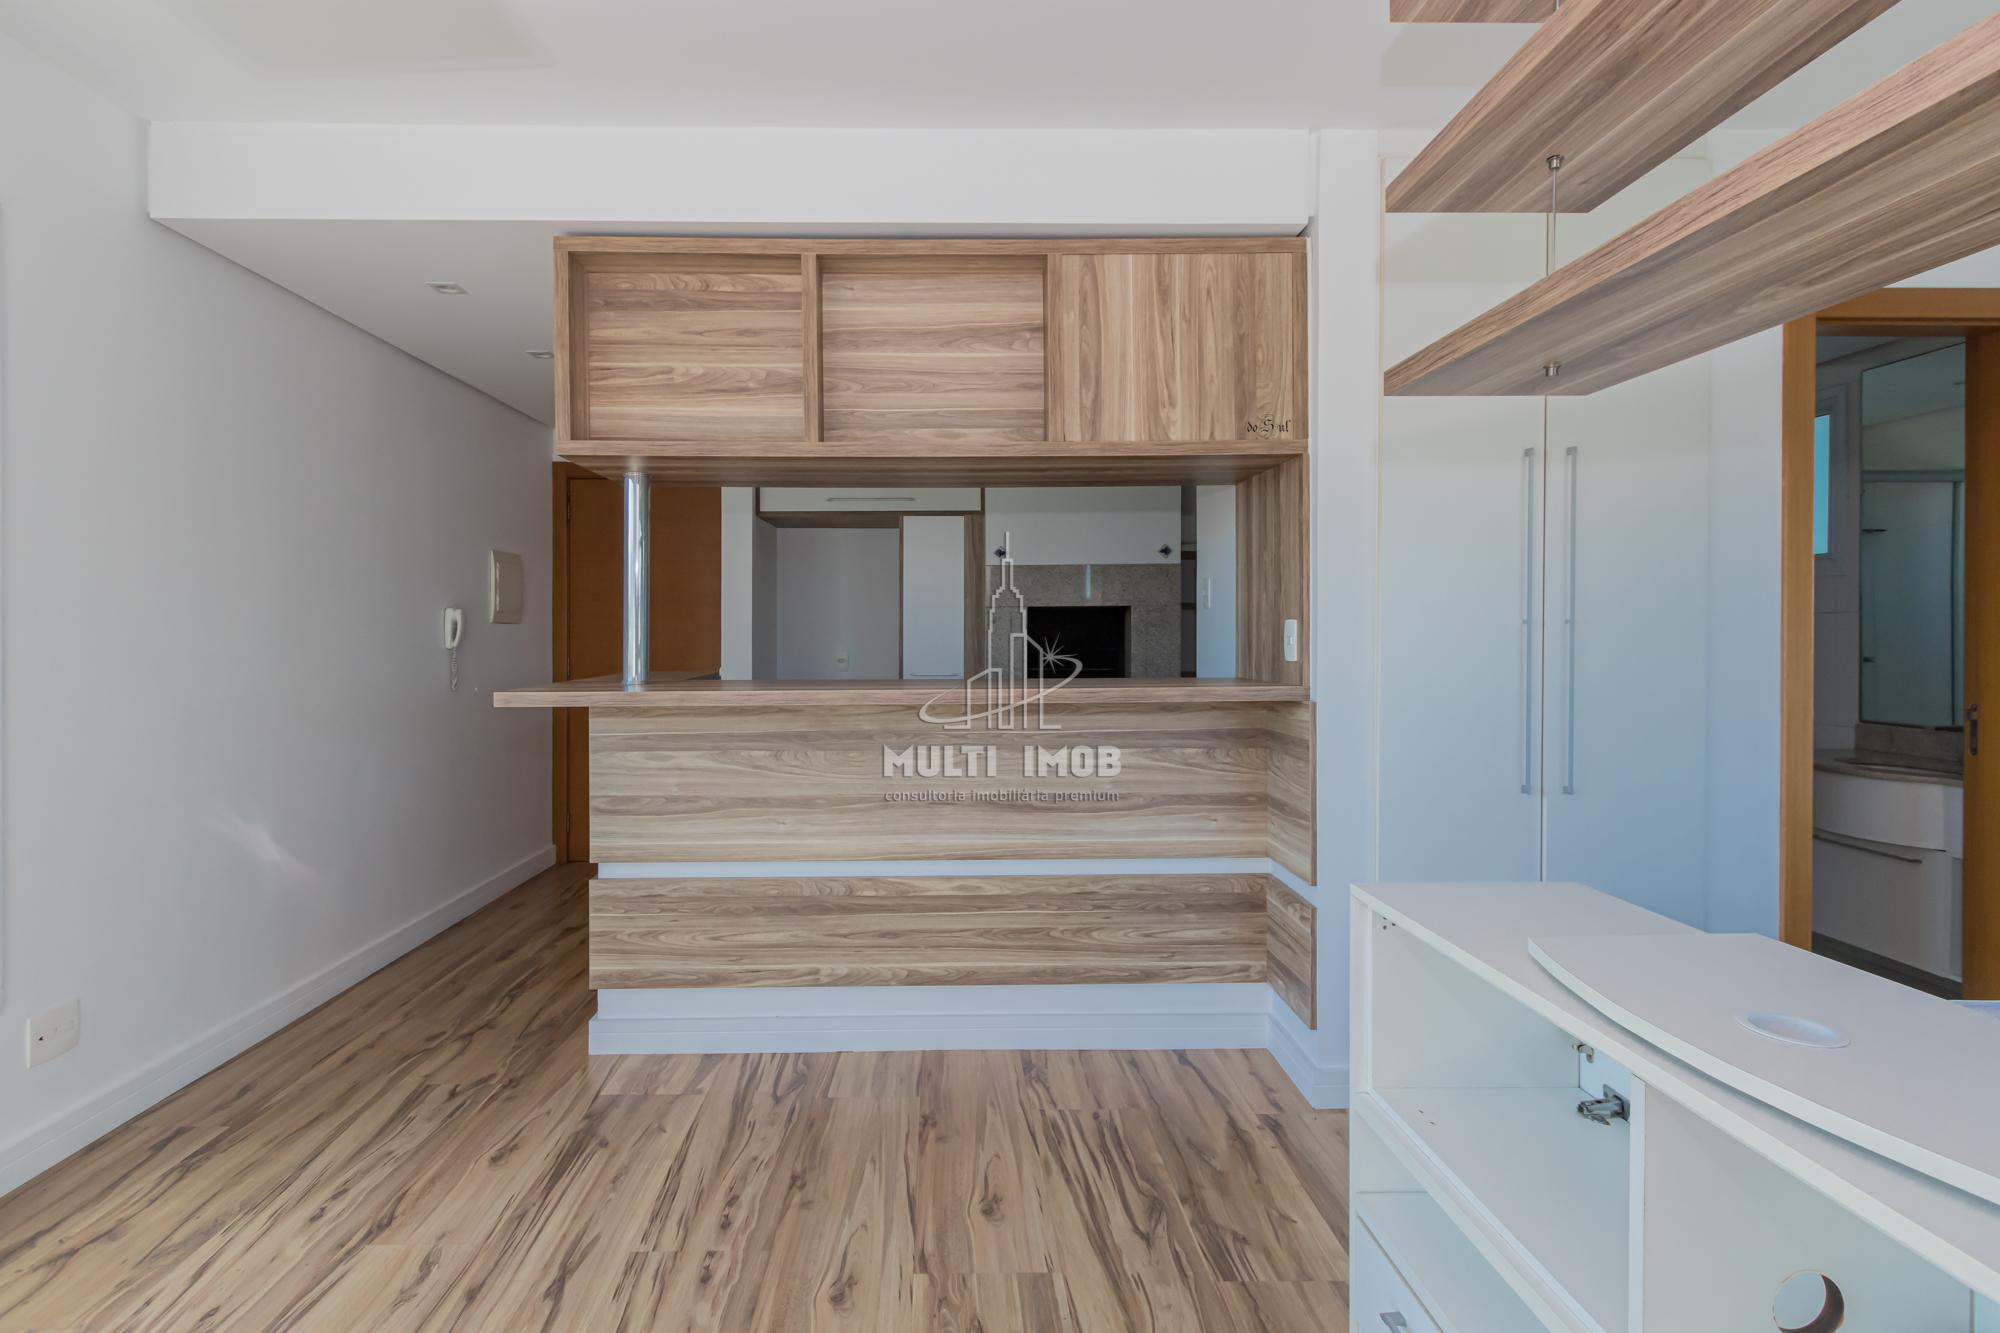 Loft  1 Dormitório  1 Vaga de Garagem Venda Bairro Três Figueiras em Porto Alegre RS